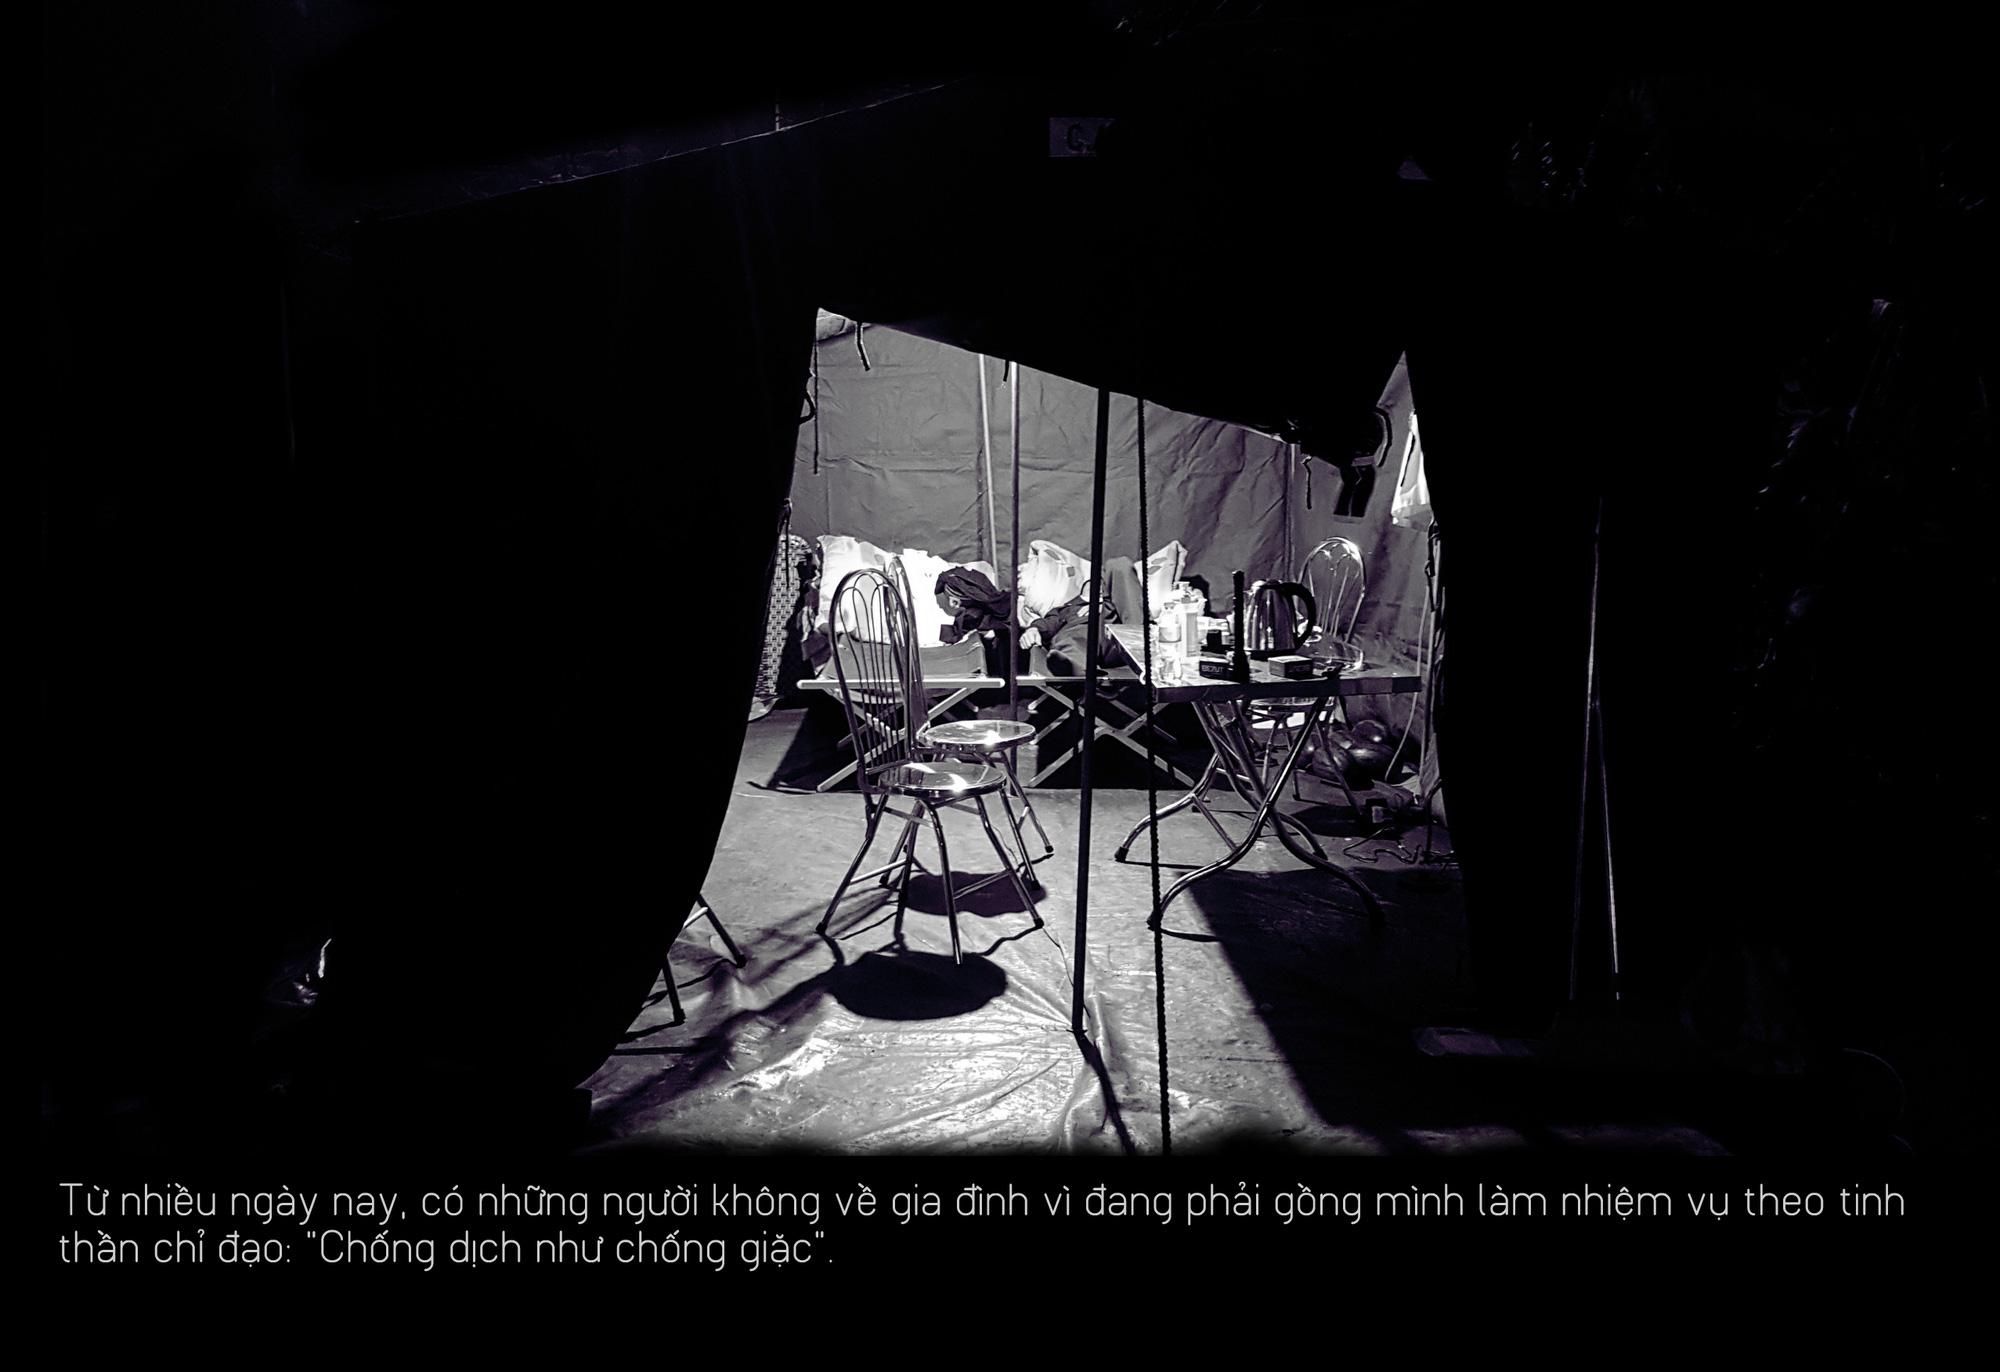 Khoảng lặng COVID-19: Một đêm trắng ở chốt kiểm dịch Sơn Lôi - Ảnh 2.